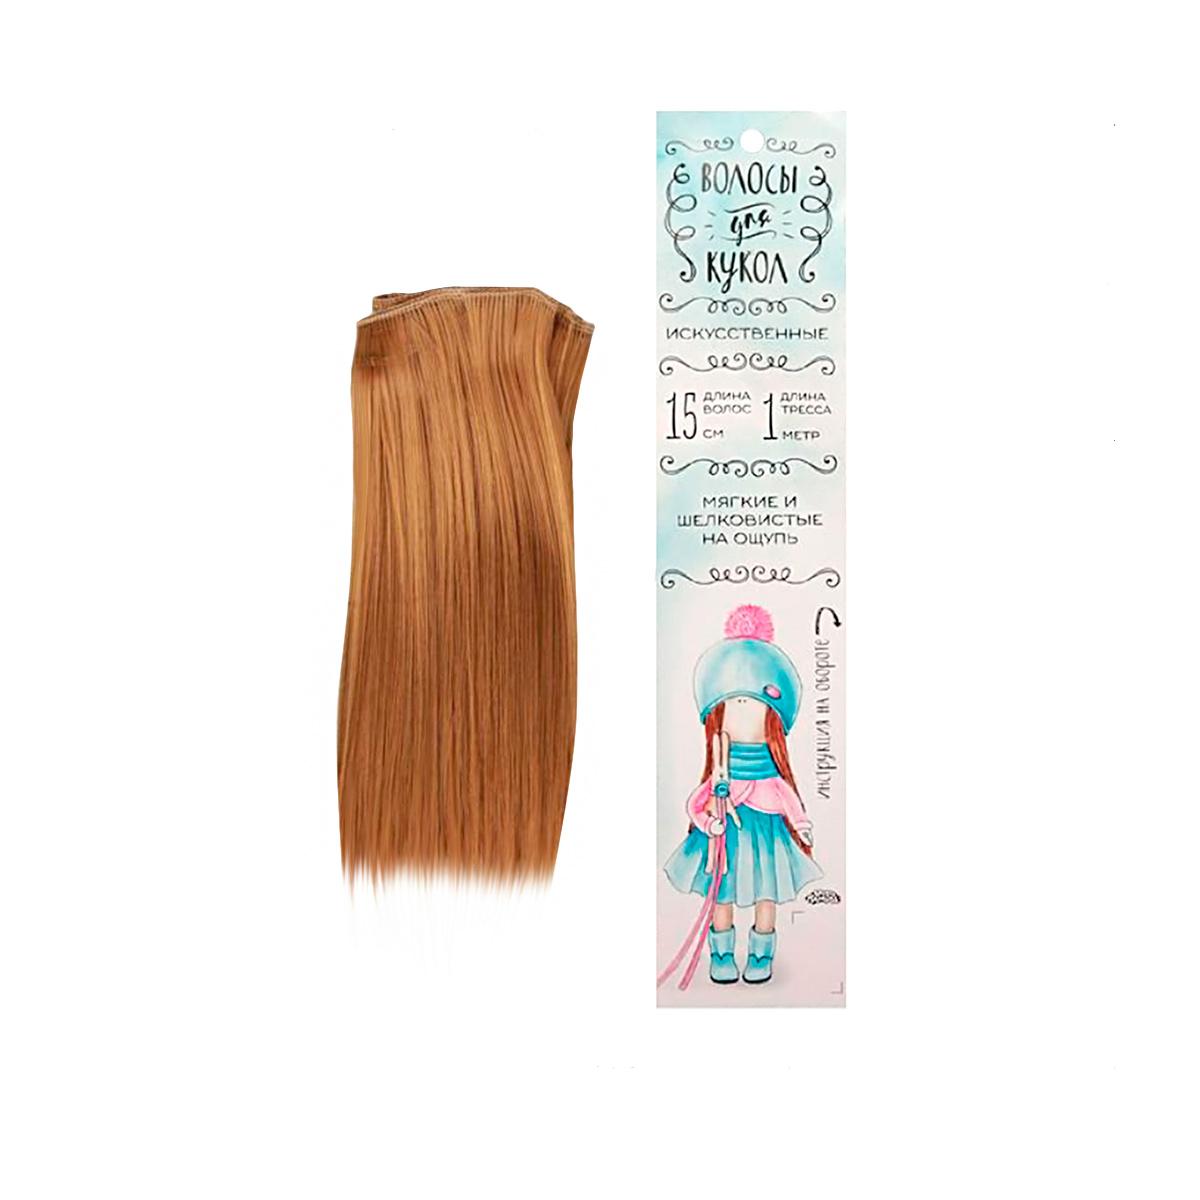 2294890 Волосы - тресс для кукол 'Прямые' длина волос 15 см, ширина 100 см, цвет № 28